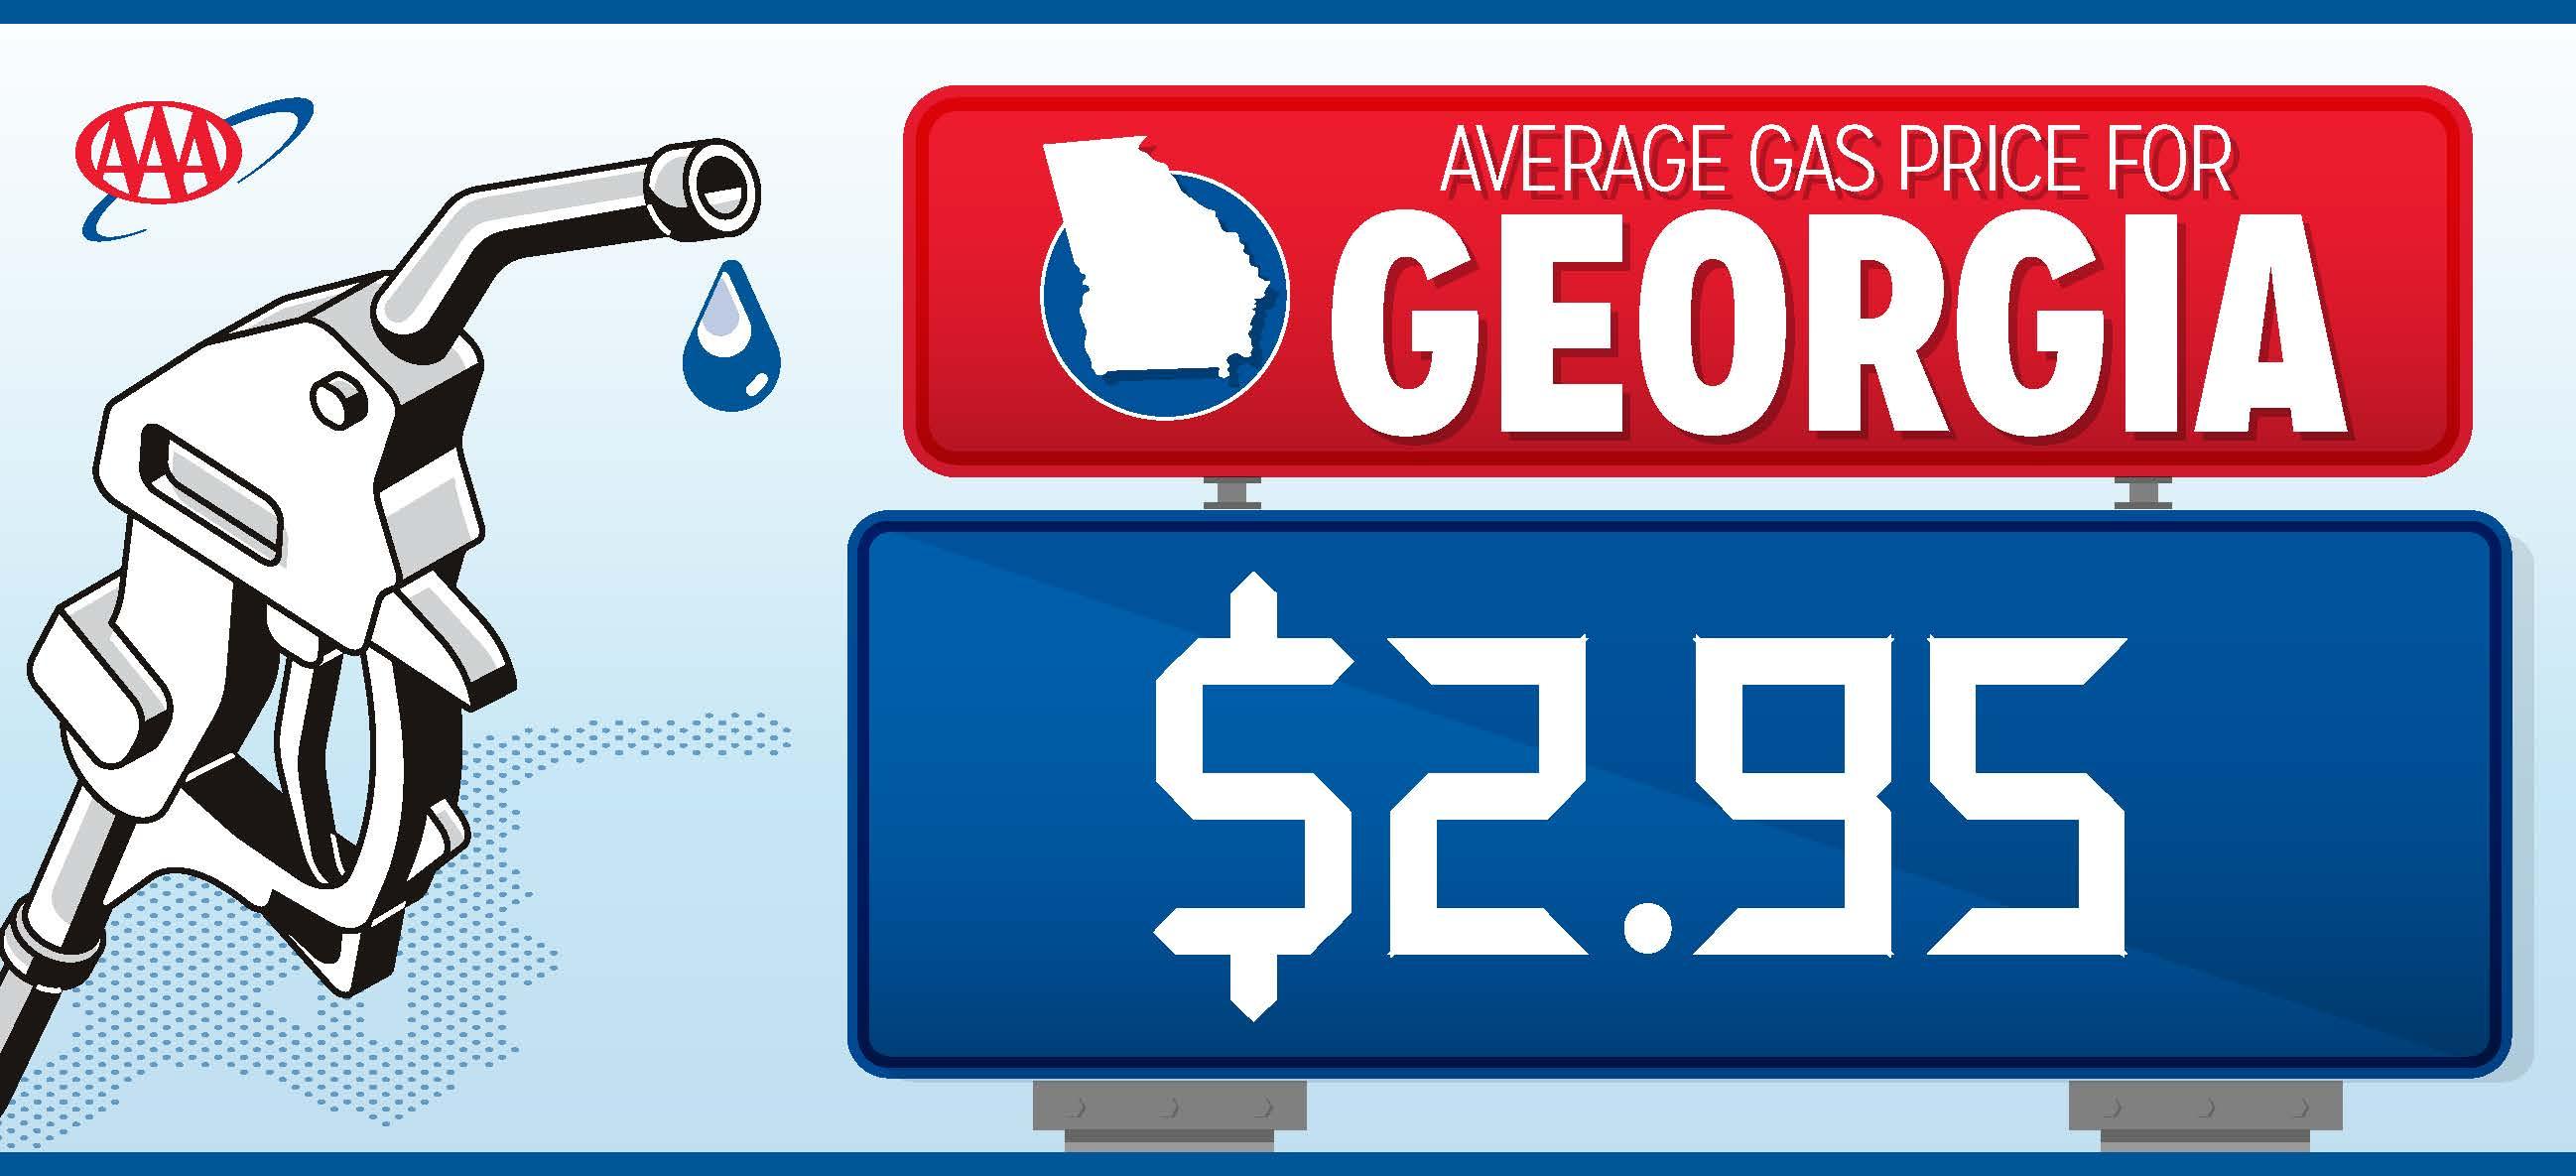 GA_Single Price Aug 30.jpg